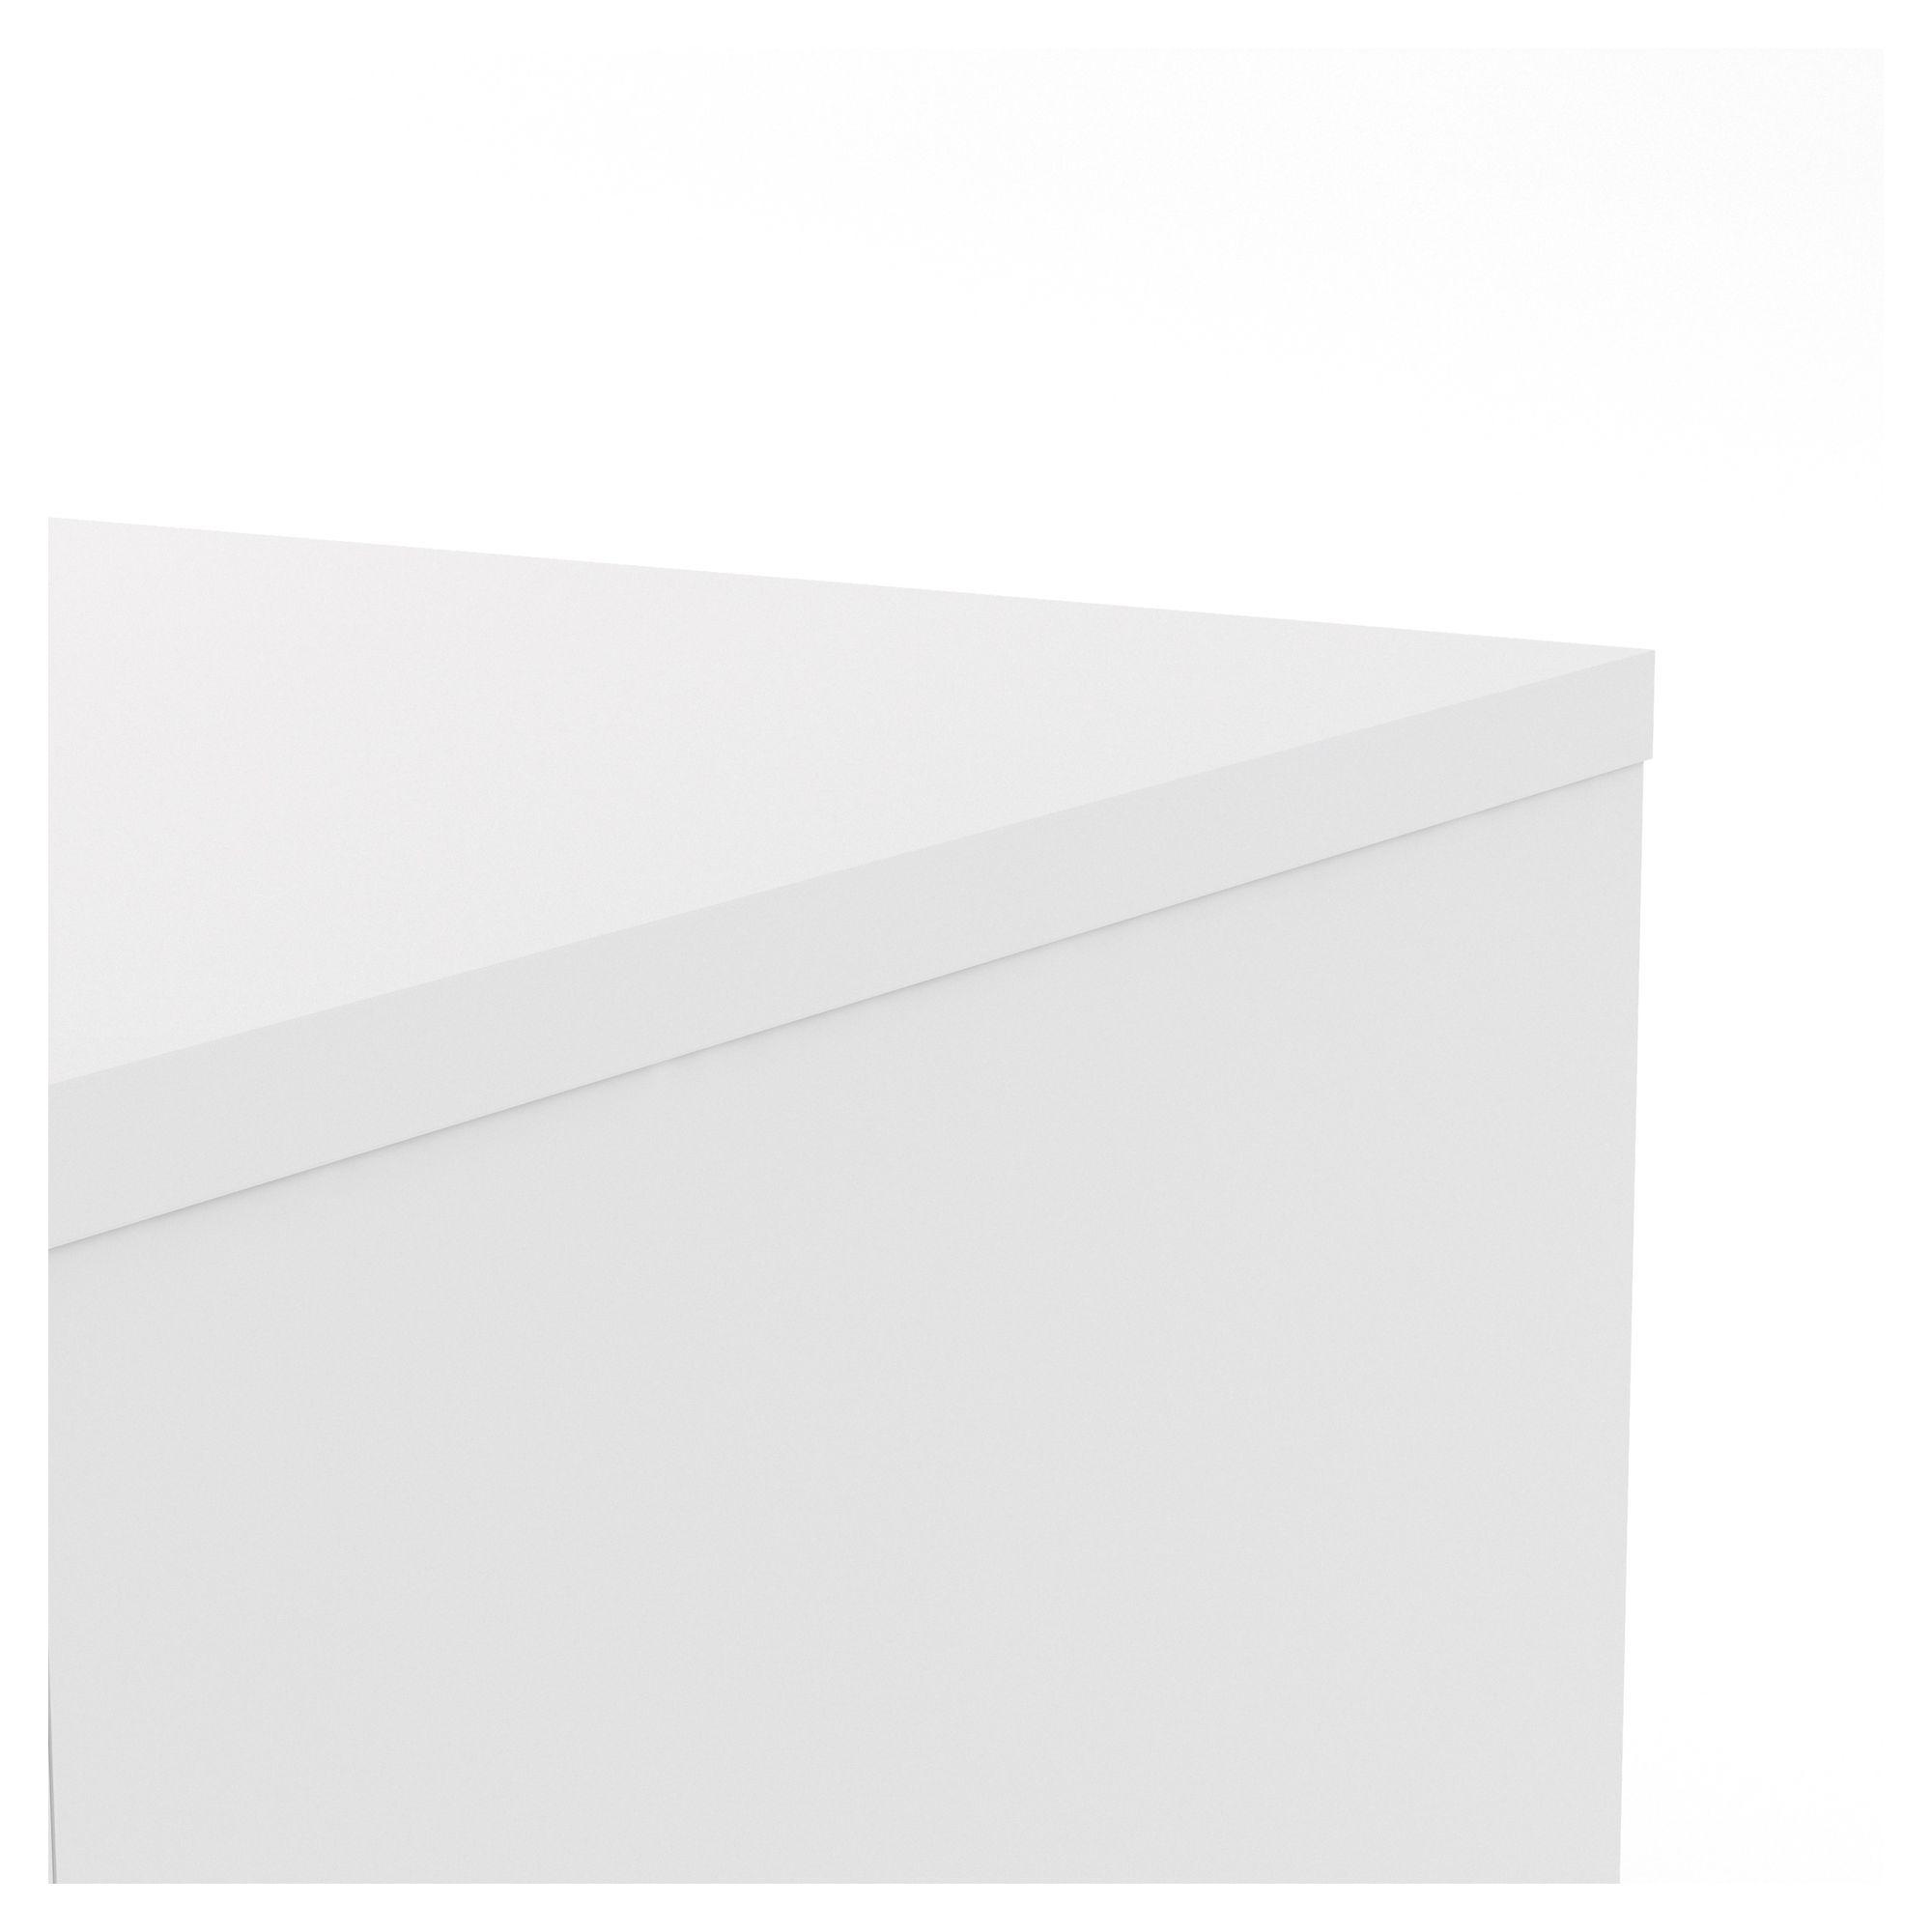 Naia Skænk - Hvid højglans m/2 låger + 4 skuffe - Skænk i hvid højglans